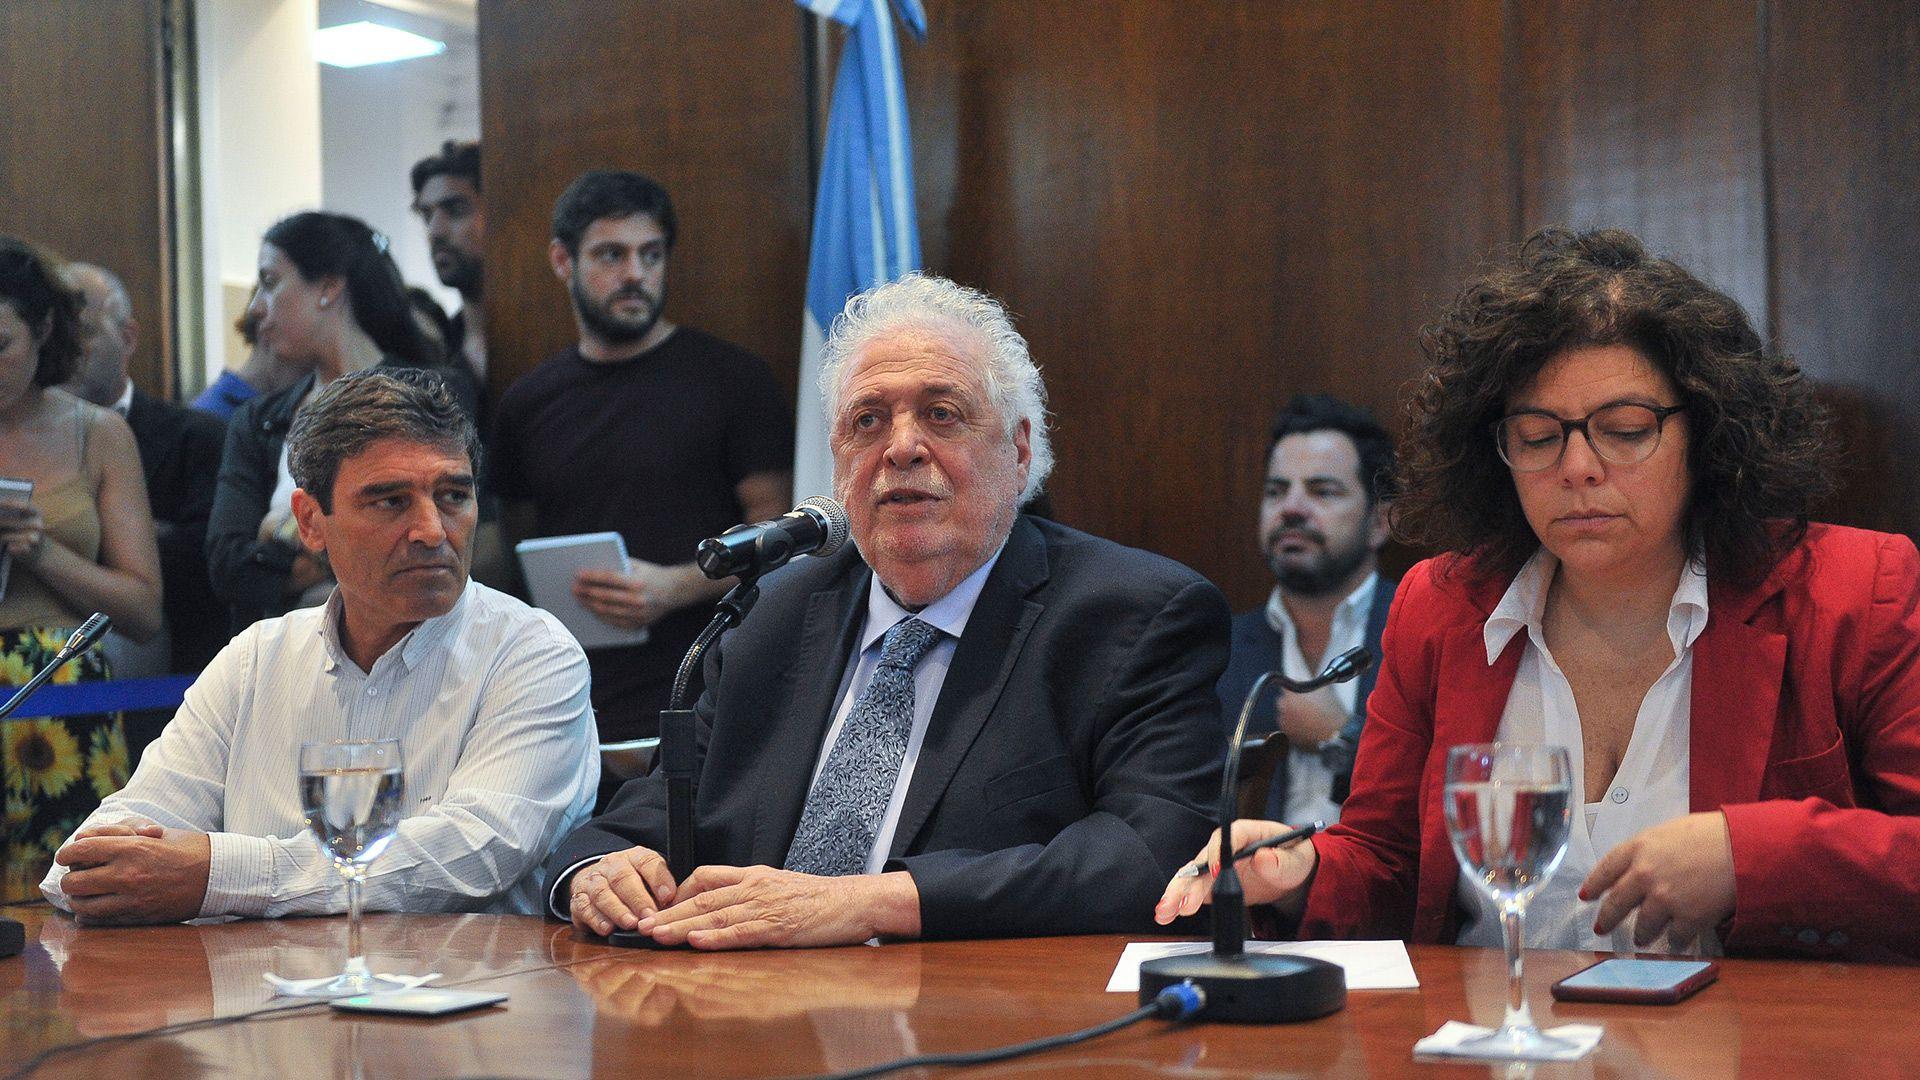 El ahora ex ministro de Salud de la Nación, Ginés González García, confirmó el 3 de marzo de 2020 el primer caso de COVID-19 en la Argentina, acompañado por la actual ministra, Carla Vizzotti, y el ministro de la cartera sanitaria porteña, Fernán Quirós (Foto: Osvaldo Fanton/Télam)